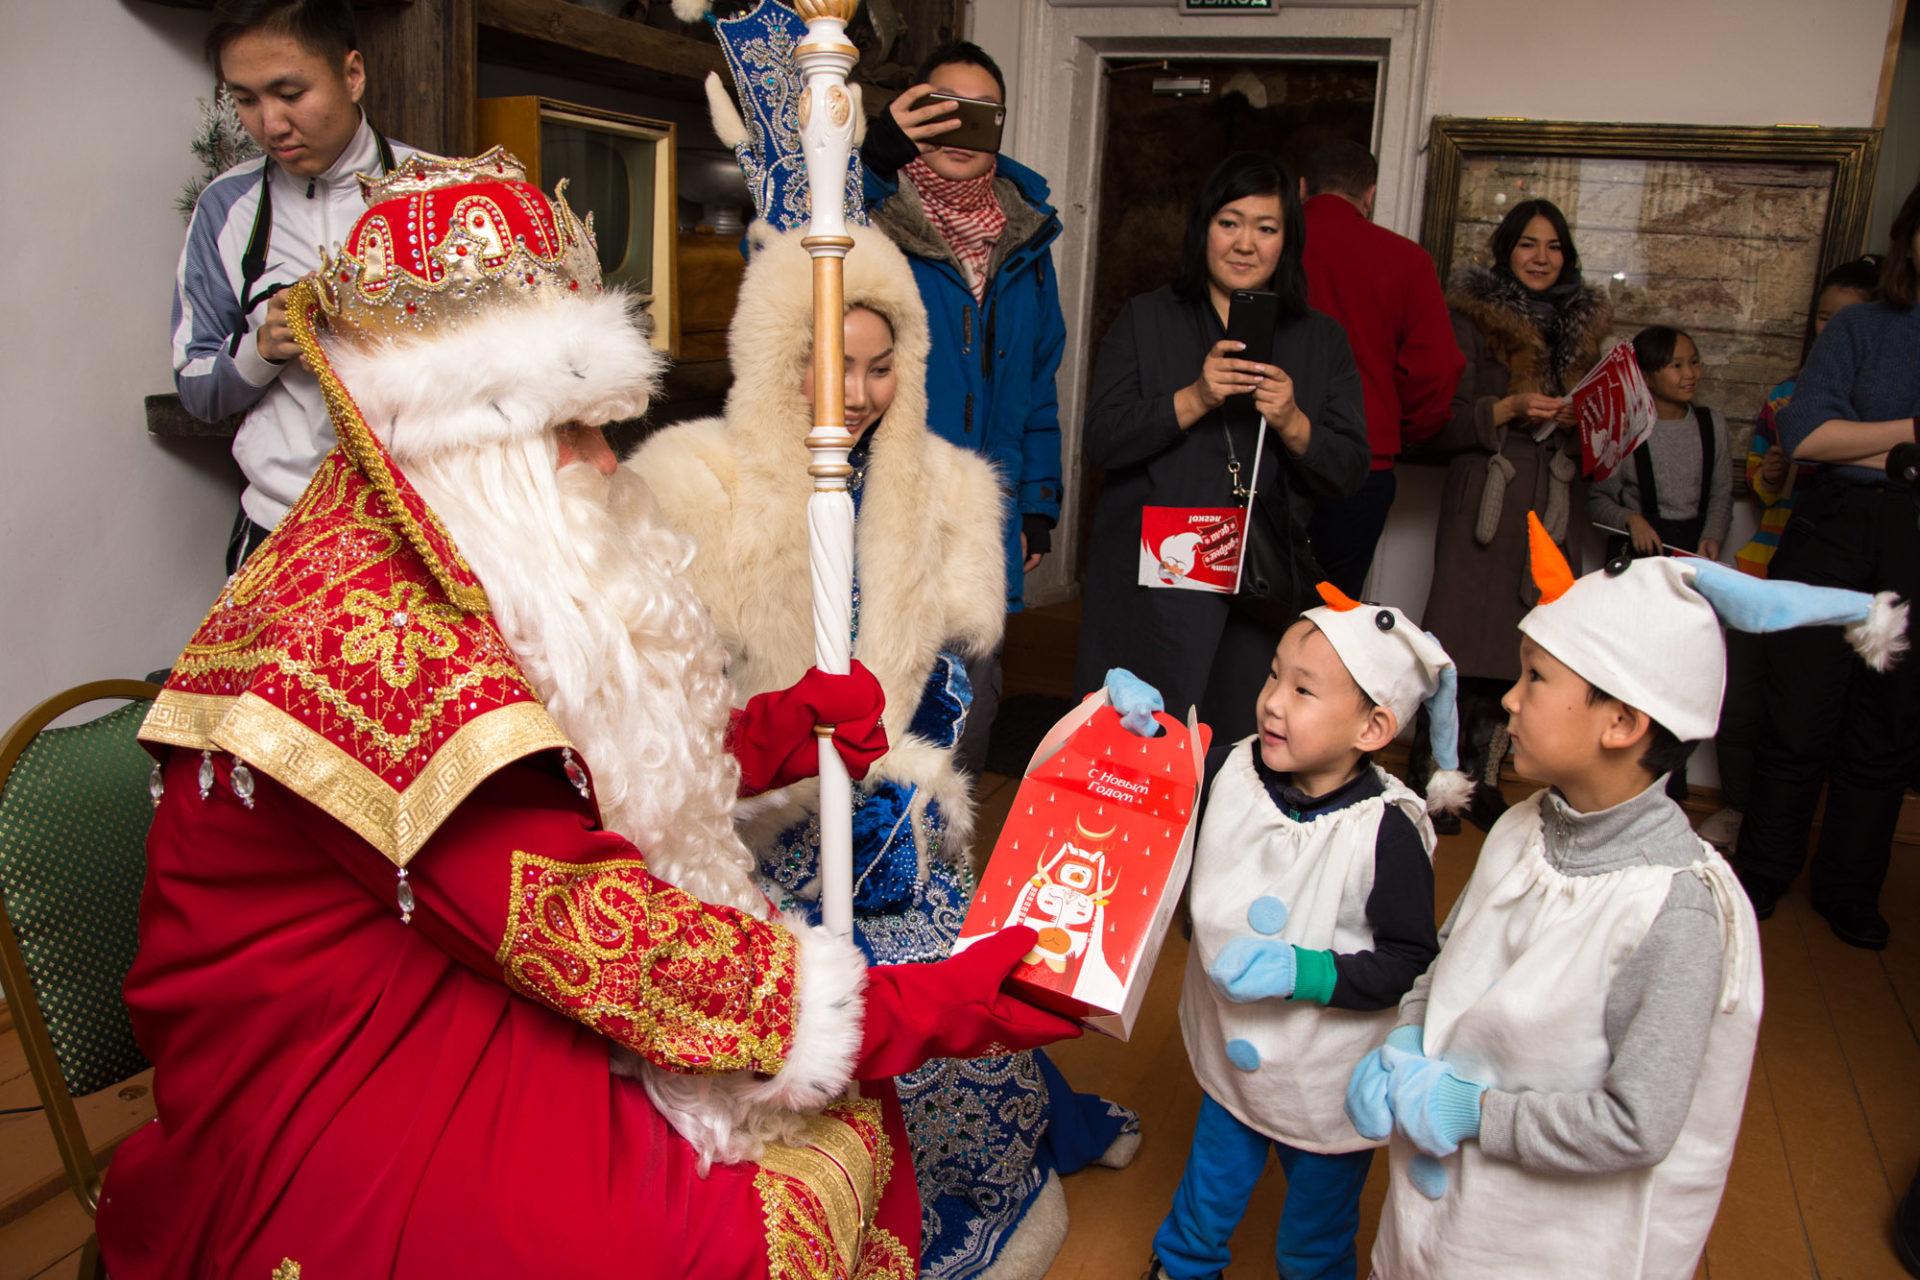 Дед Мороз из Великого Устюга повидался с детьми из фонда «Харысхал»